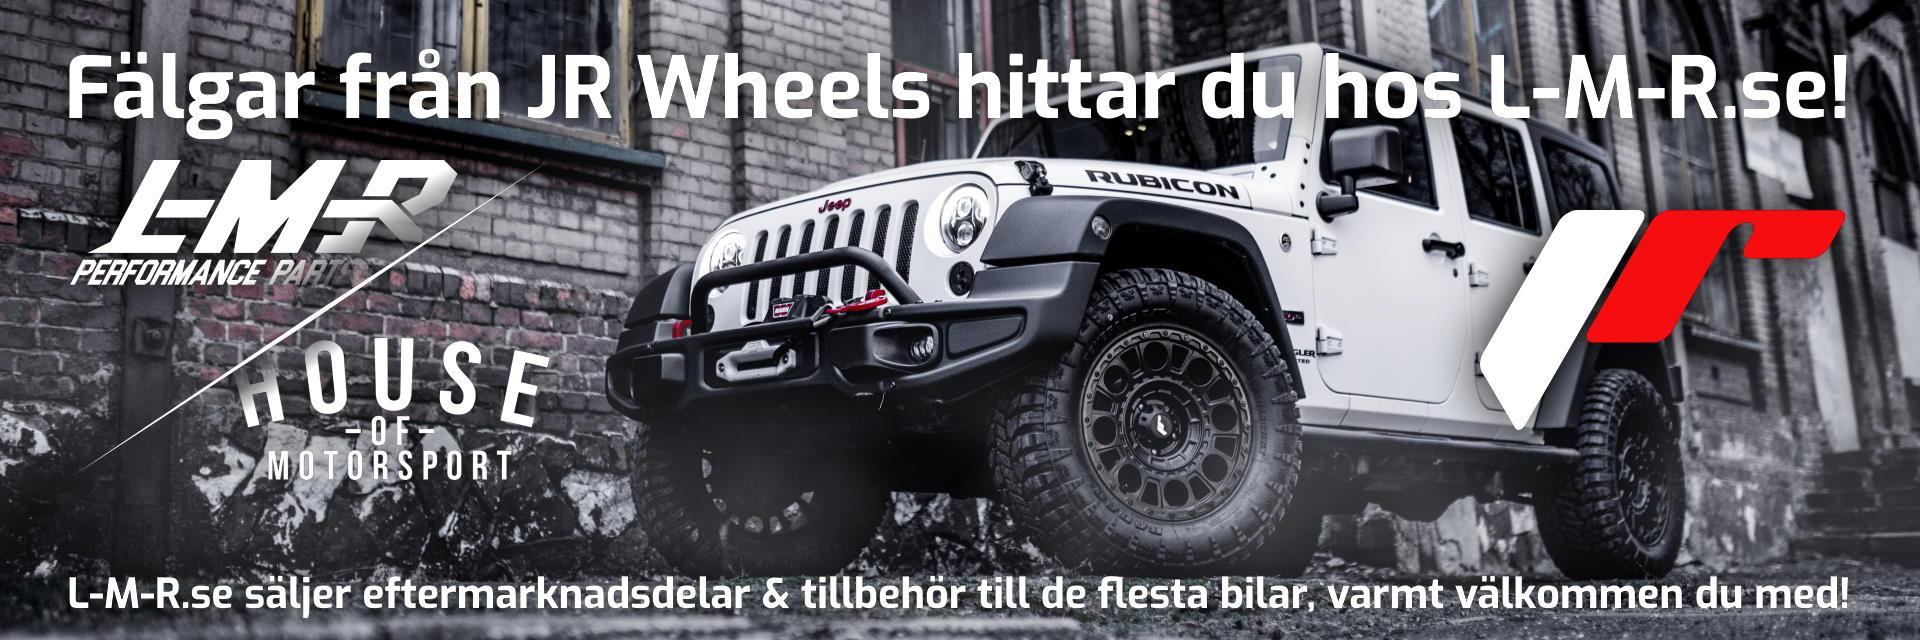 JR Wheels fälgar hittar du hos L-M-R.se